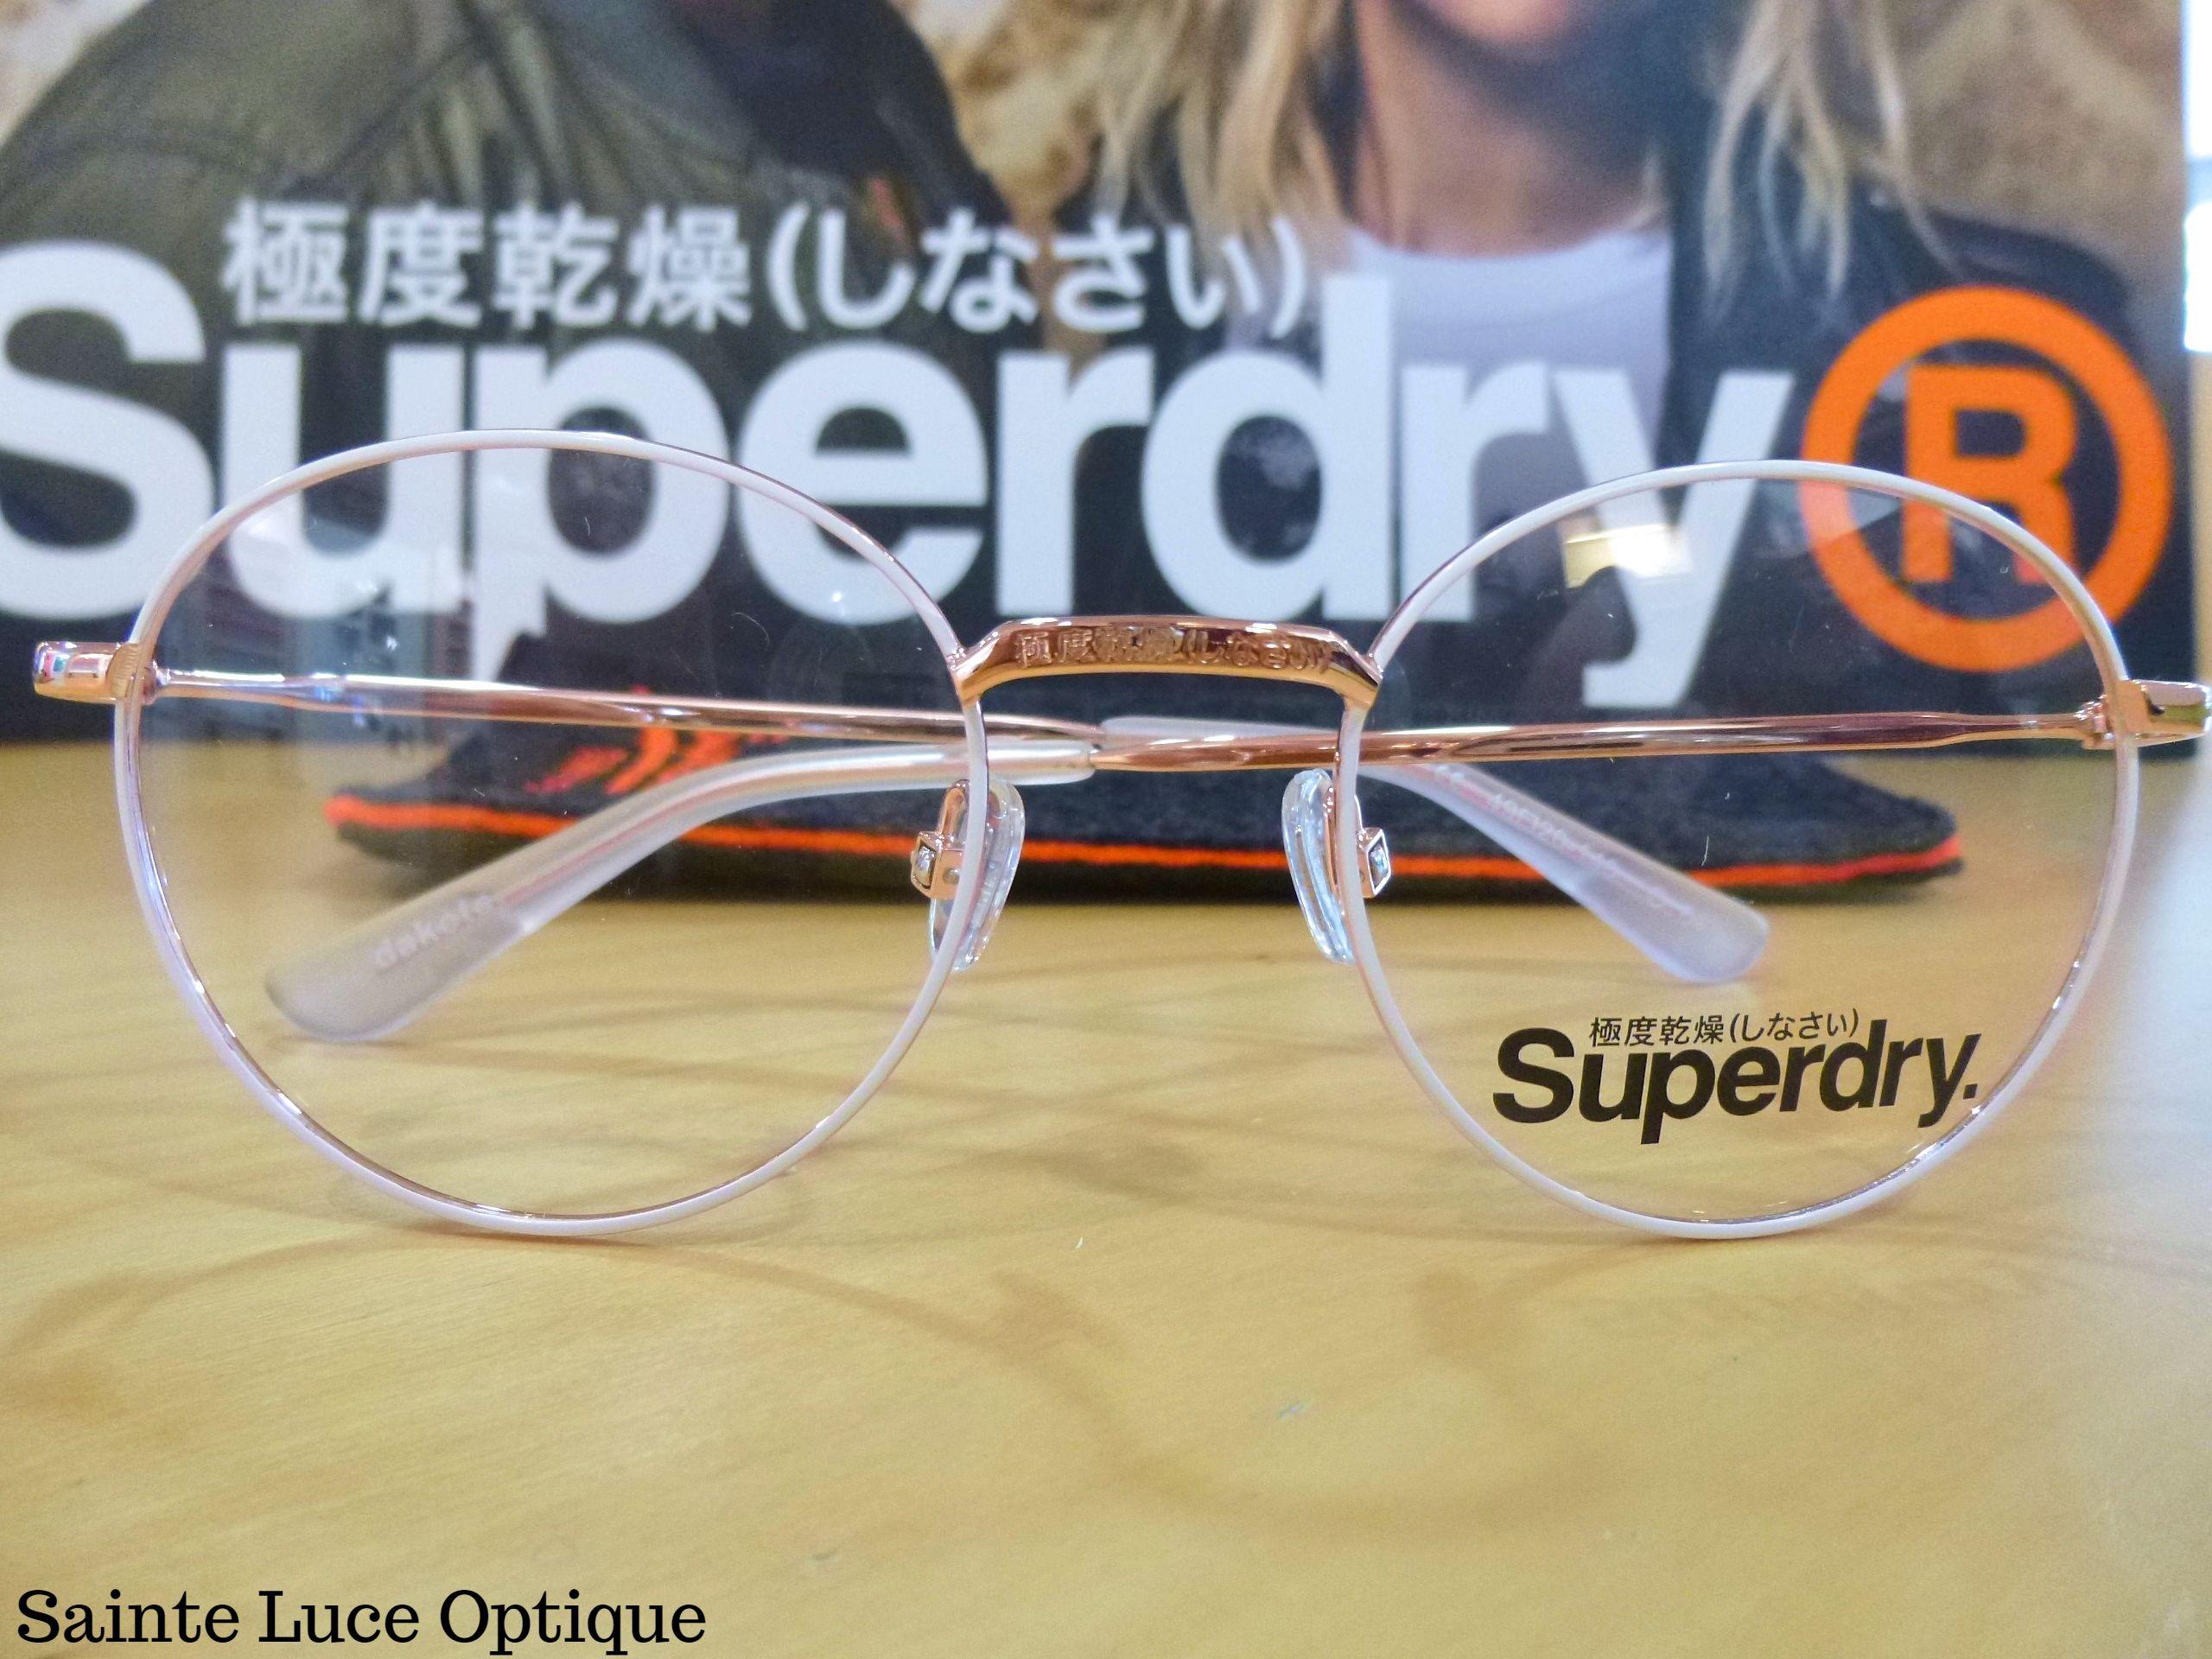 Superdry: une collection Pep's à découvrir à Sainte Luce Optique!